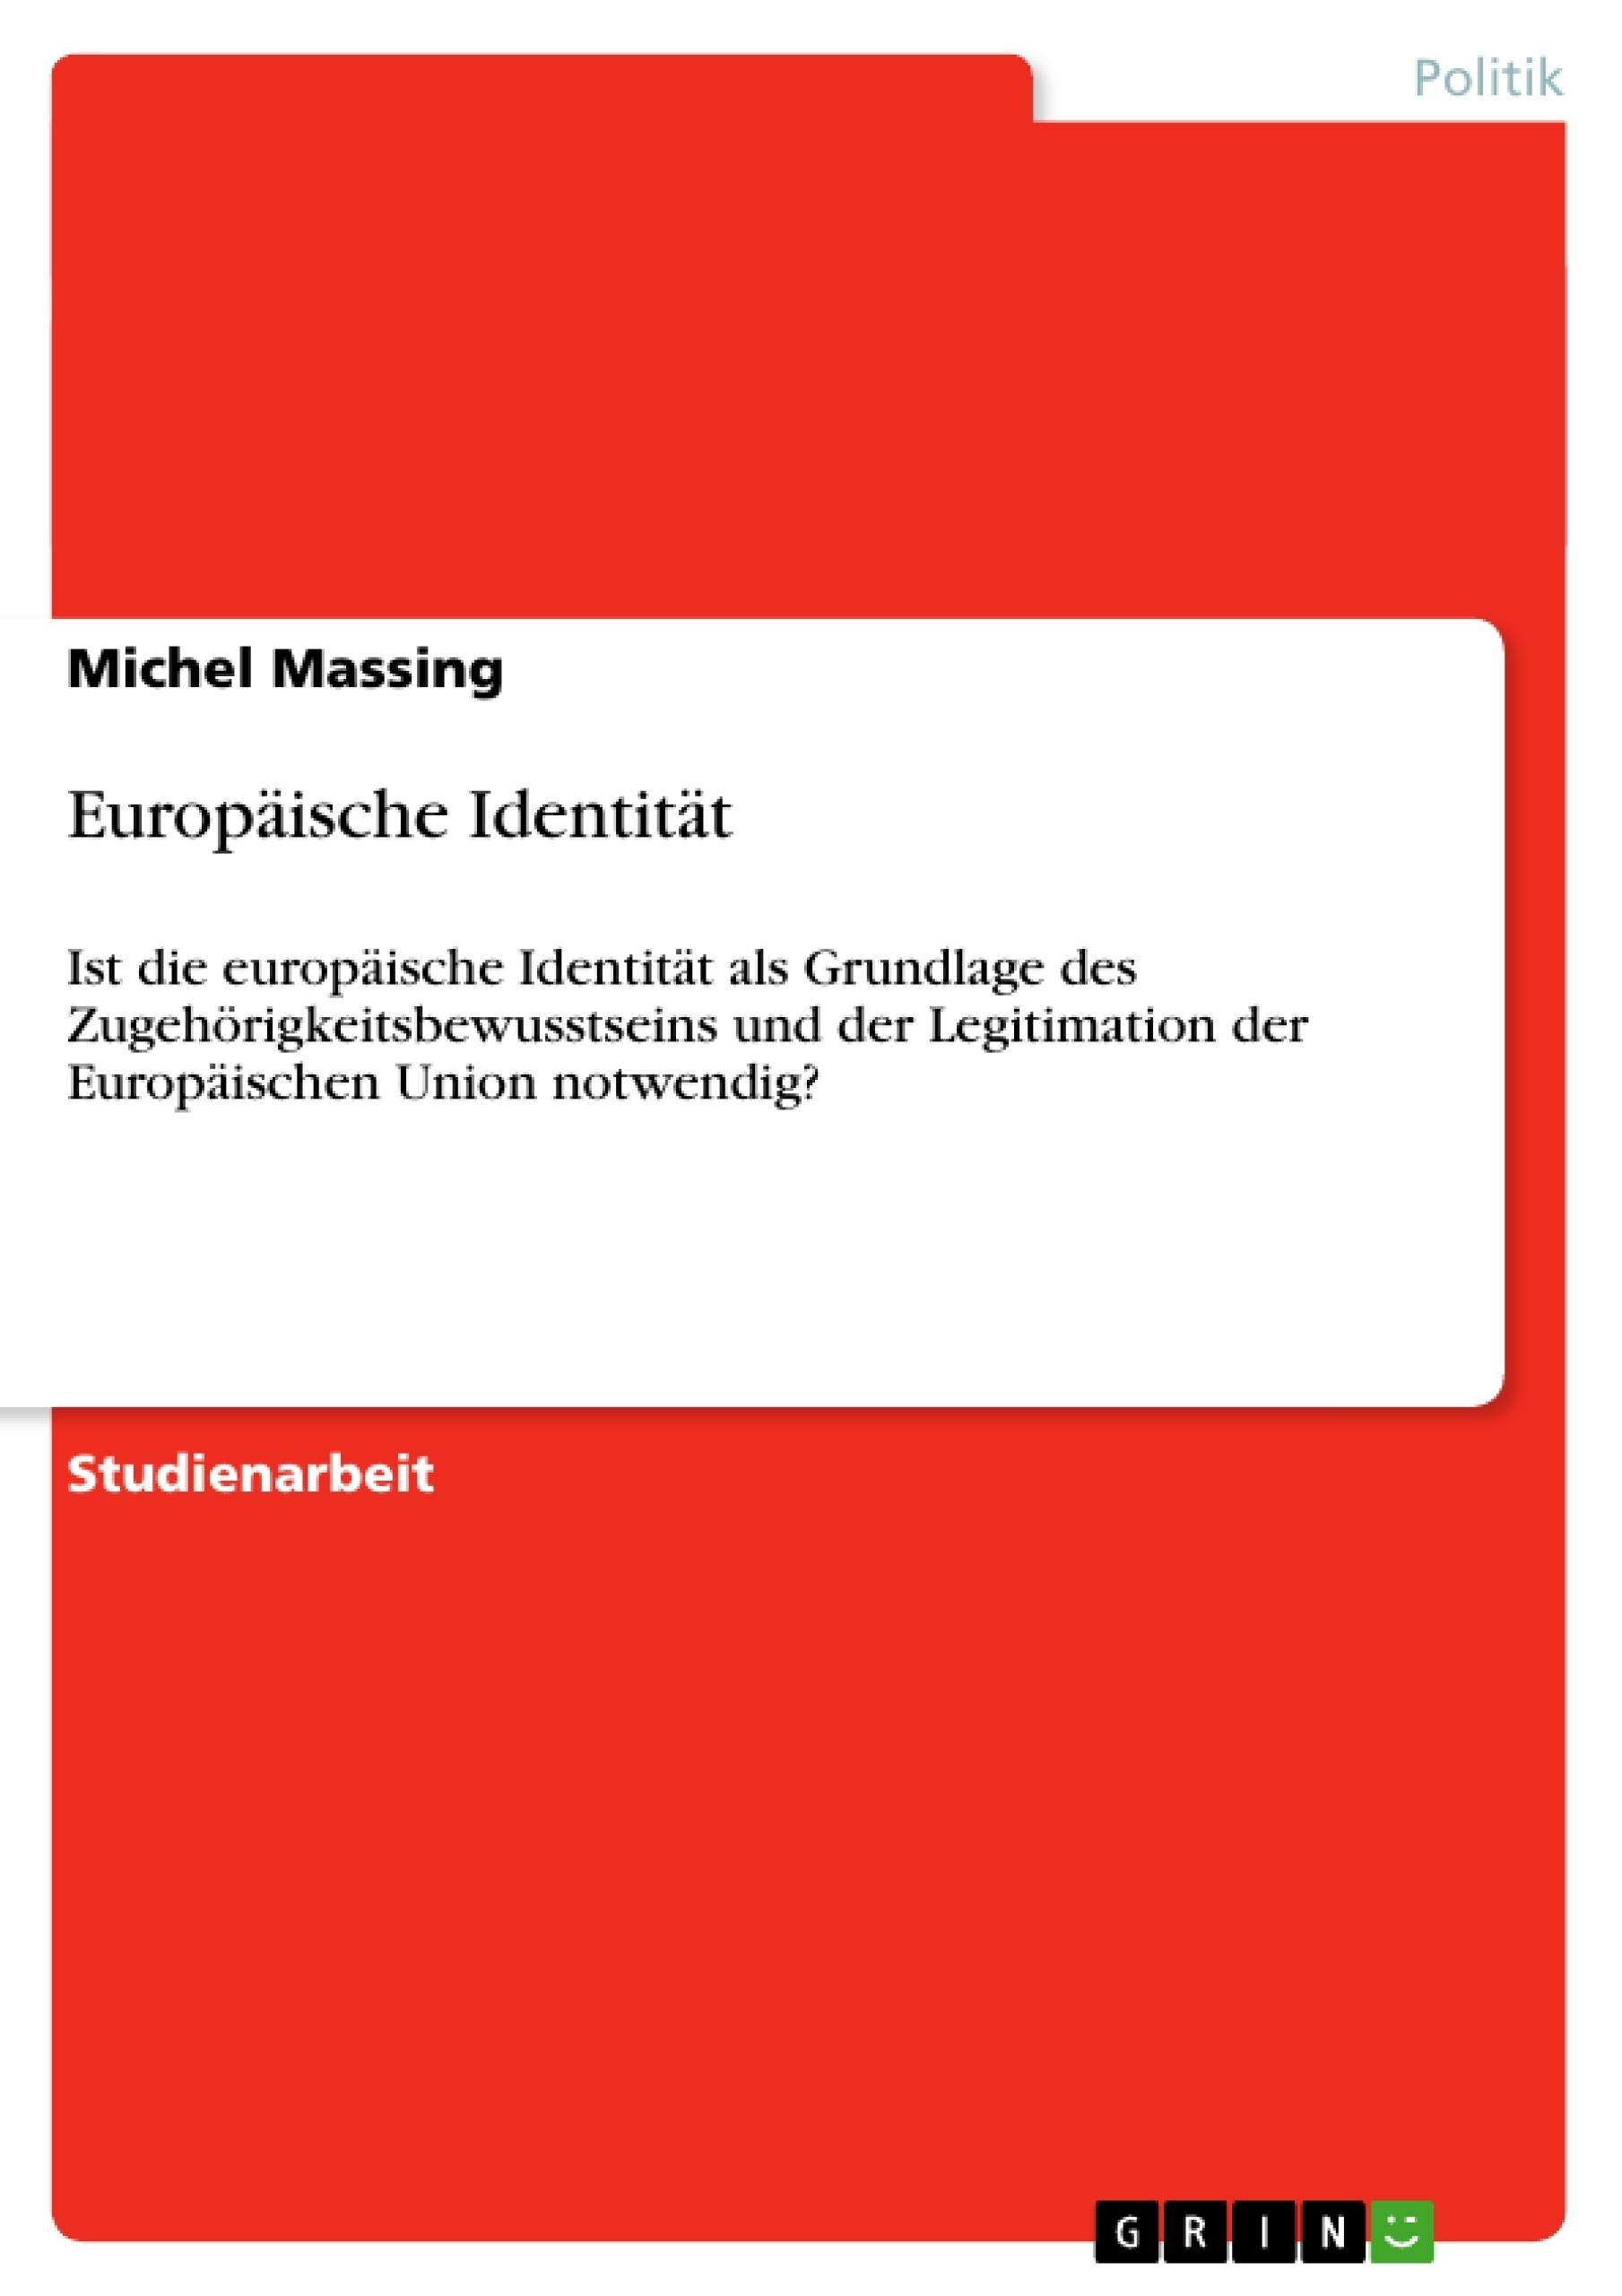 Titel: Europäische Identität